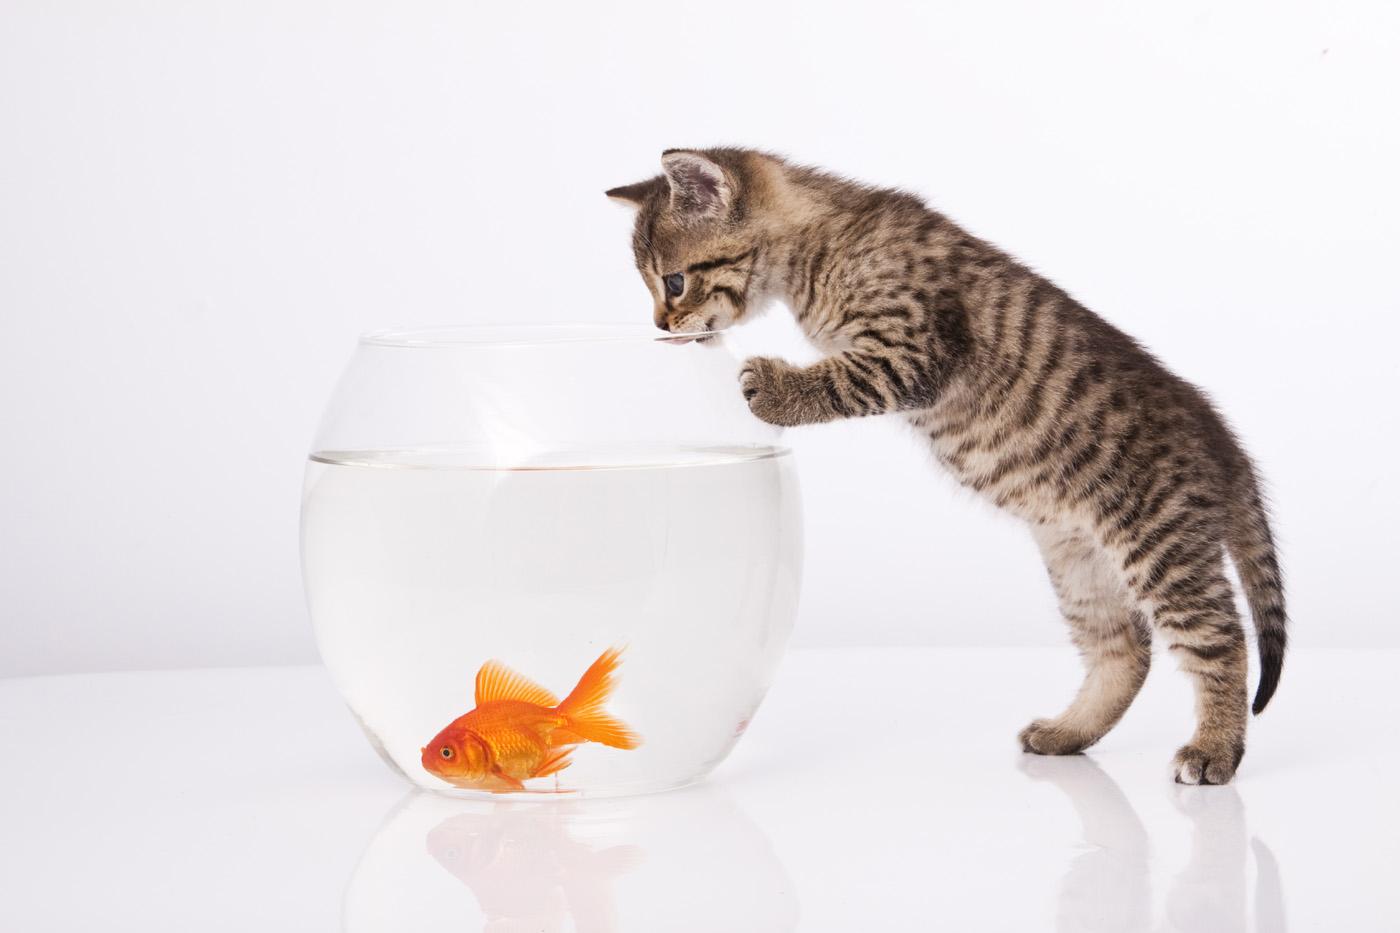 متى يكون أكل السمك مضرًا للقطط